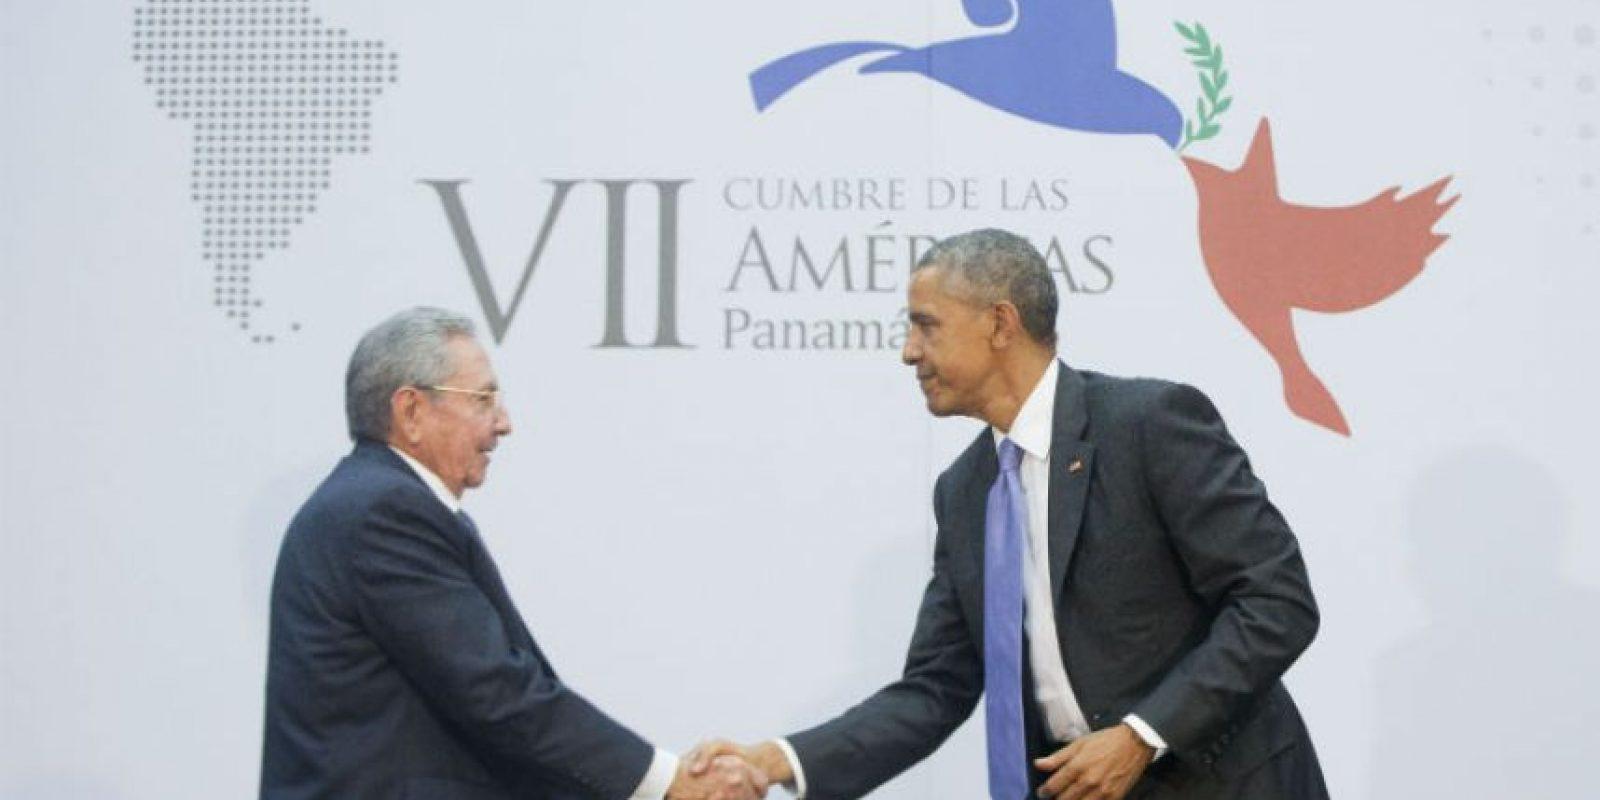 Estos hechos ocurrieron después de más de 50 años que ambos países habían terminado con sus relaciones diplomáticas. Foto:Getty Images